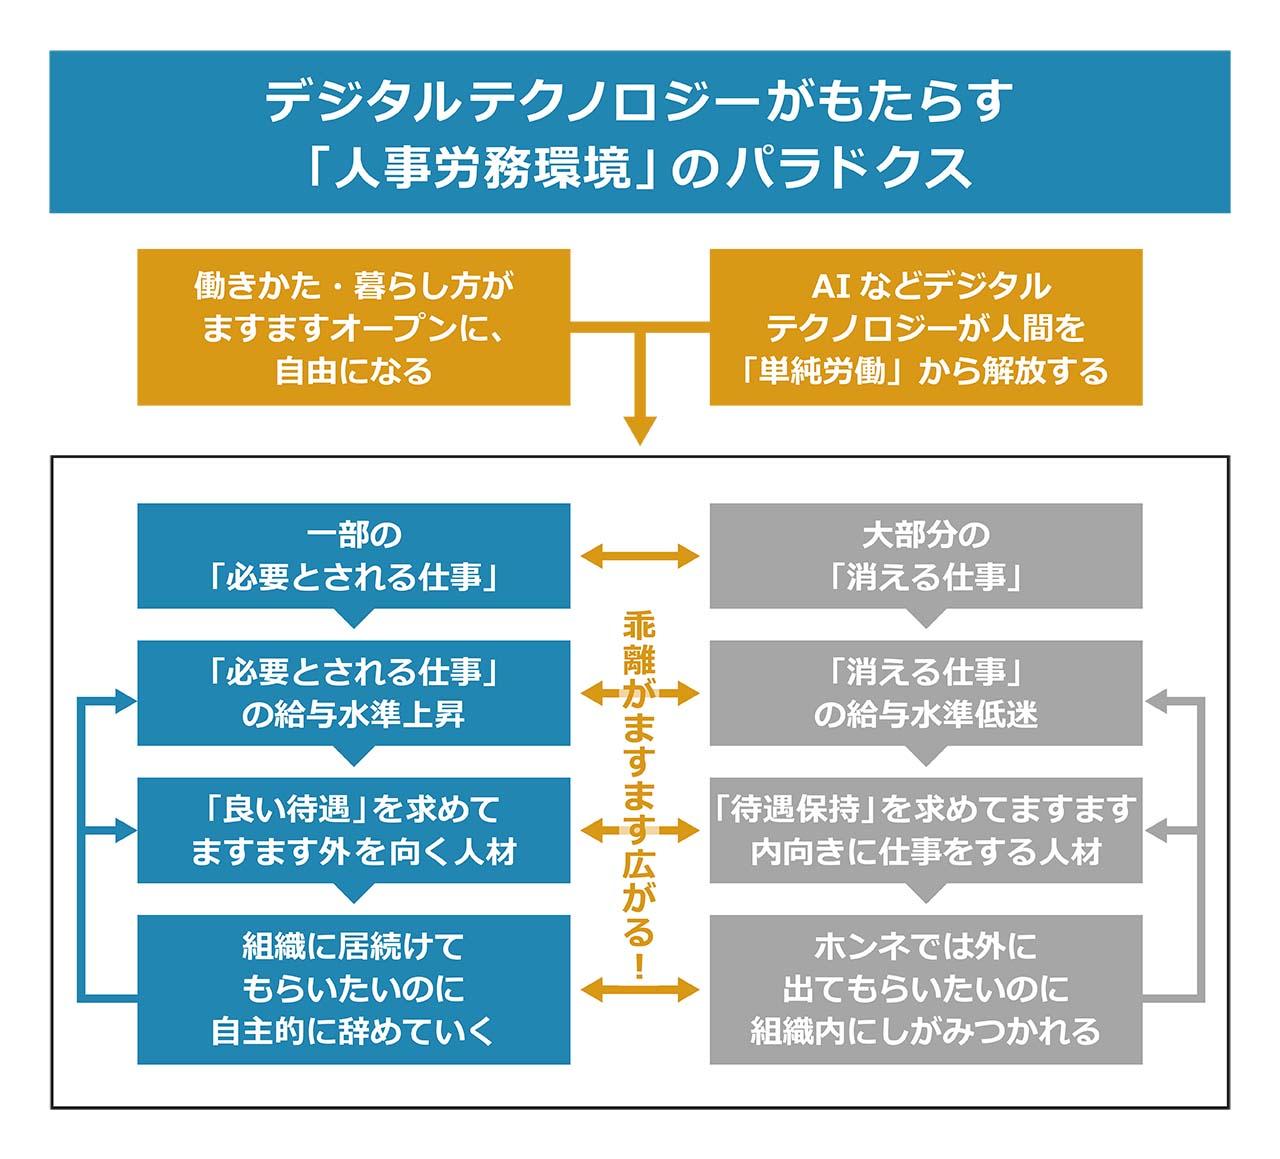 図2:デジタルテクノロジーがもたらす「人事労務環境」の二極化